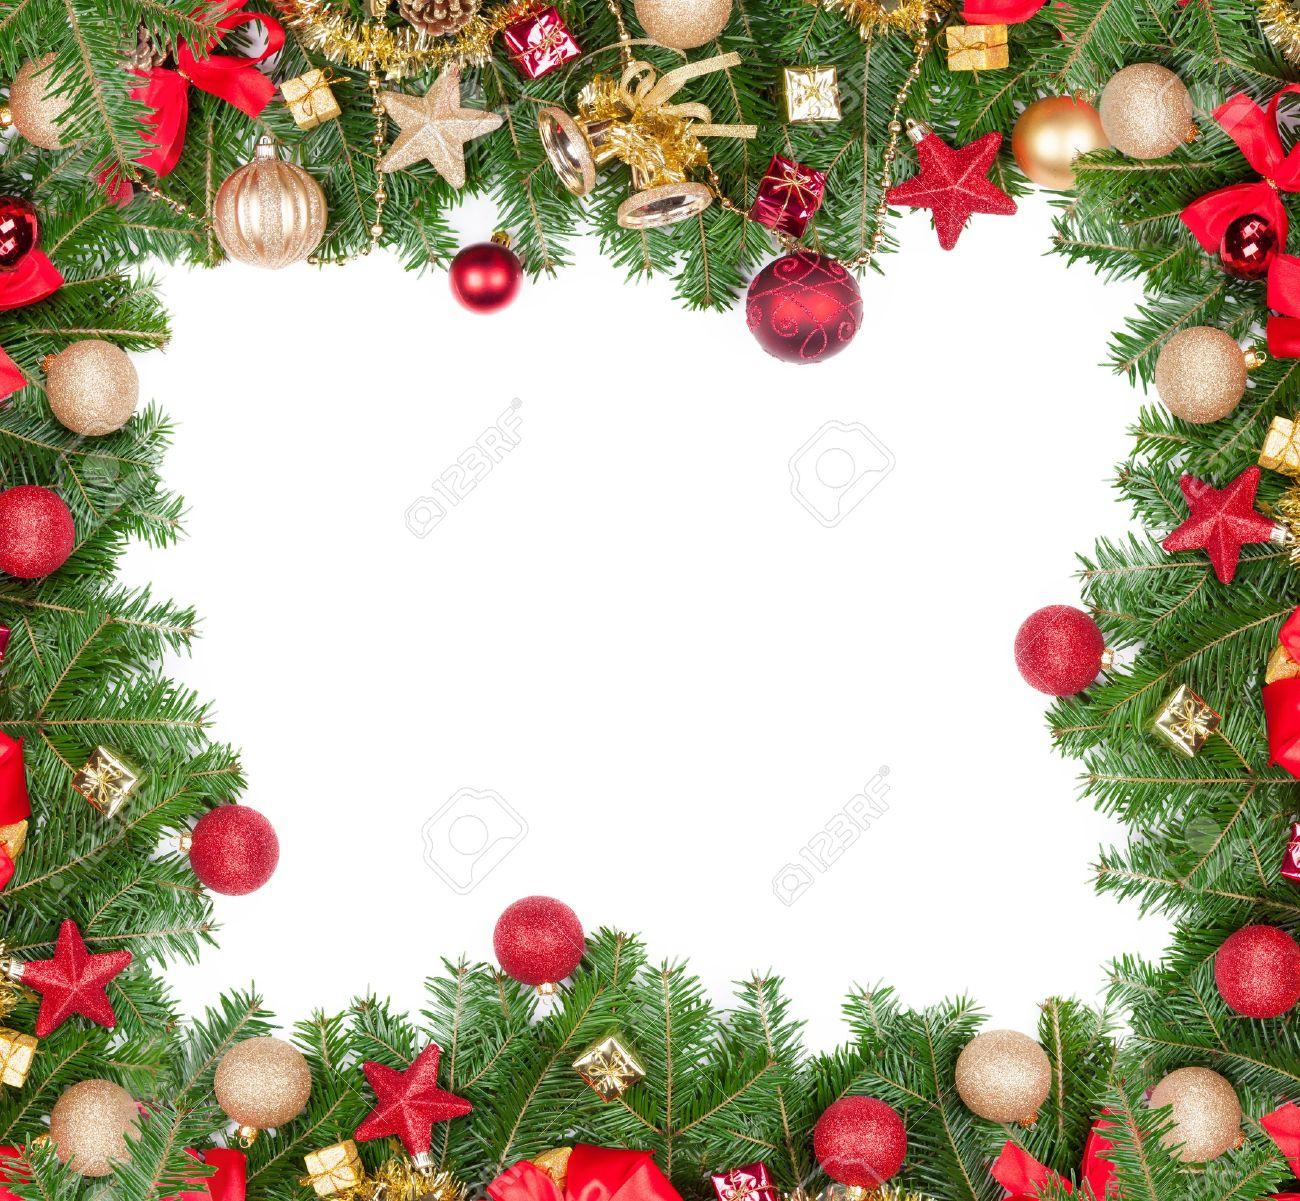 Nett Weihnachten Bilderrahmen Vorlagen Fotos - Beispiel ...